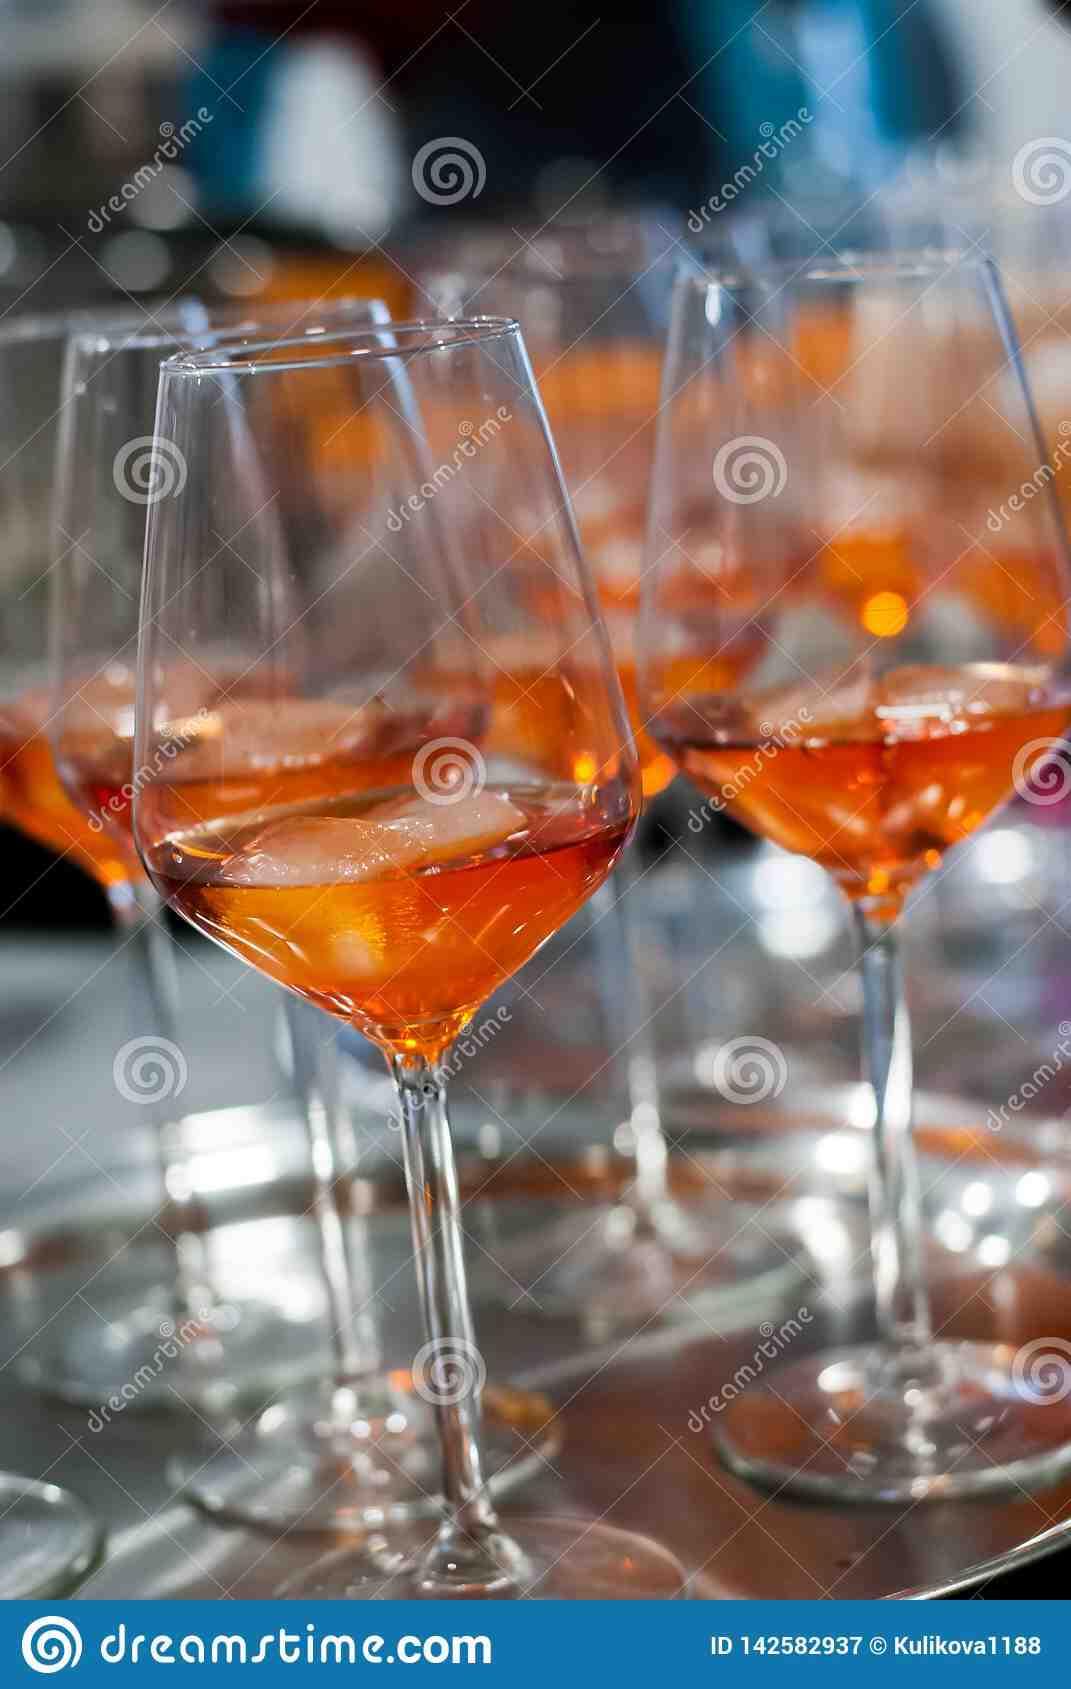 Quels meilleurs cocktails?